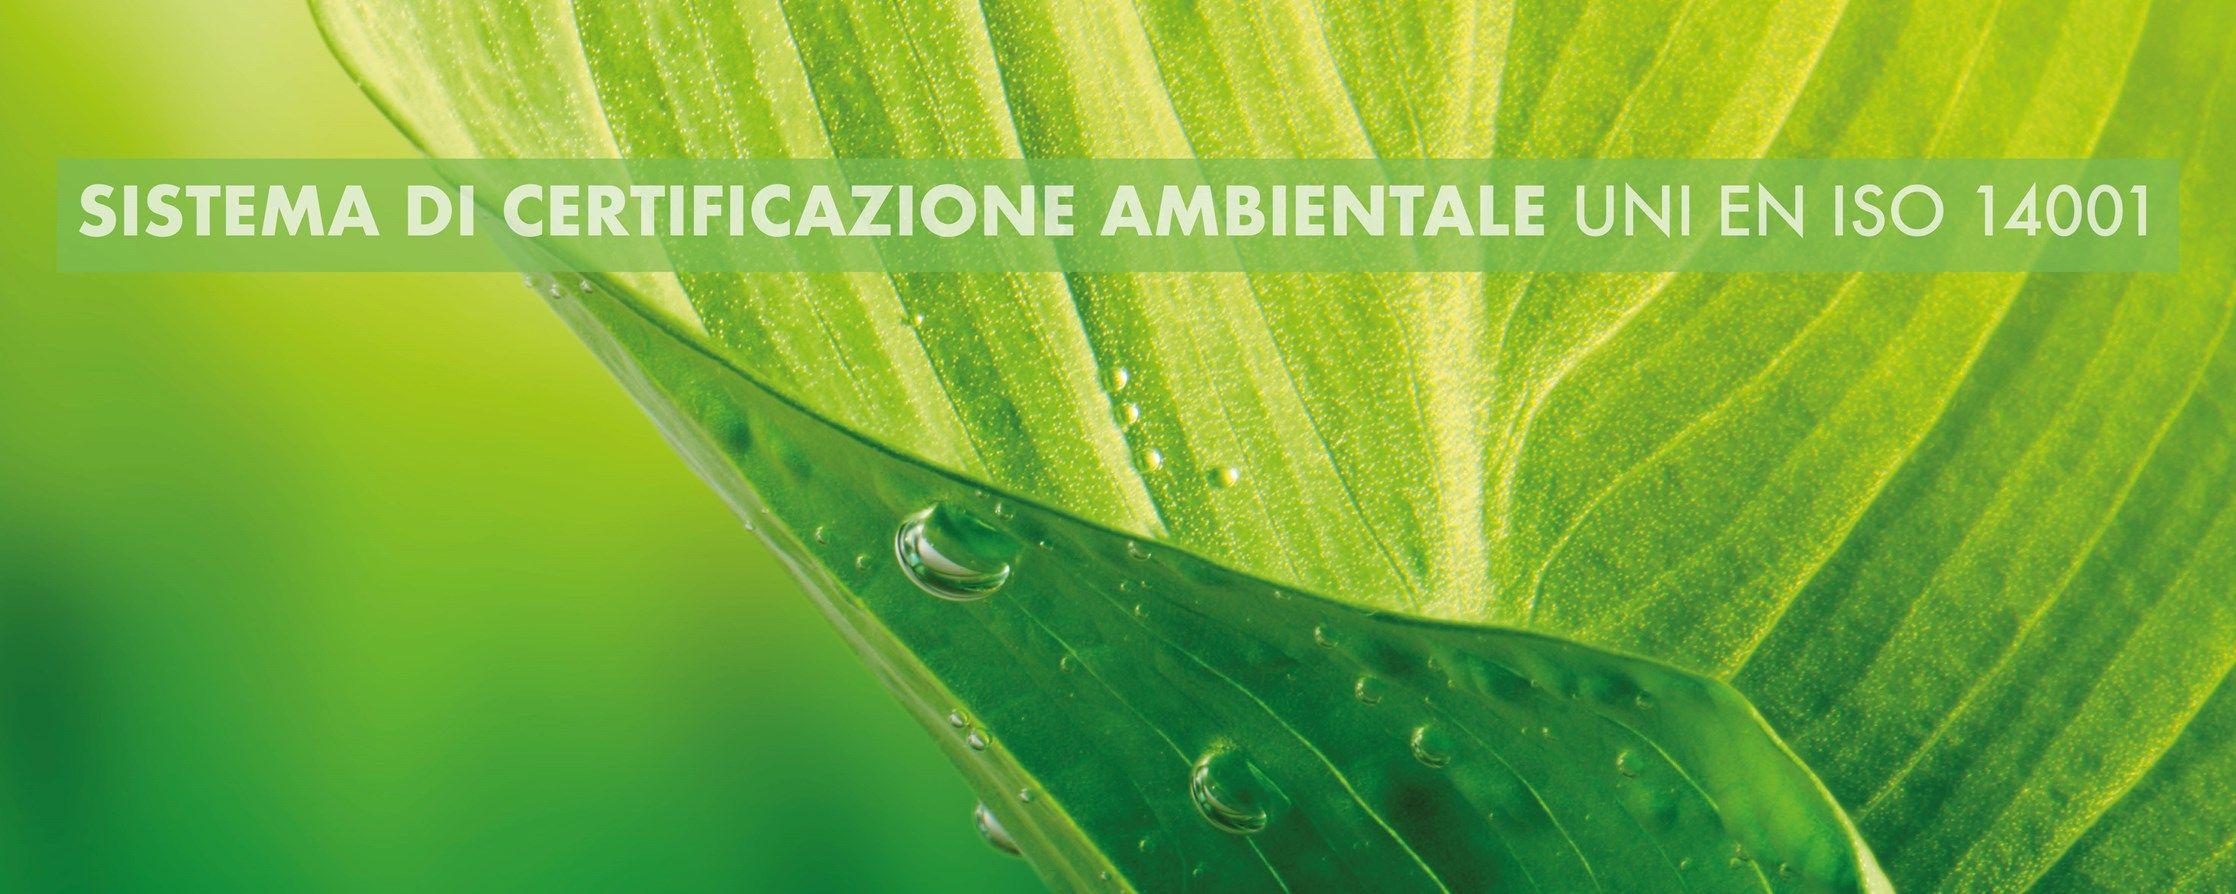 CAP Arreghini, certificazione ambientale per lo sviluppo competitivo